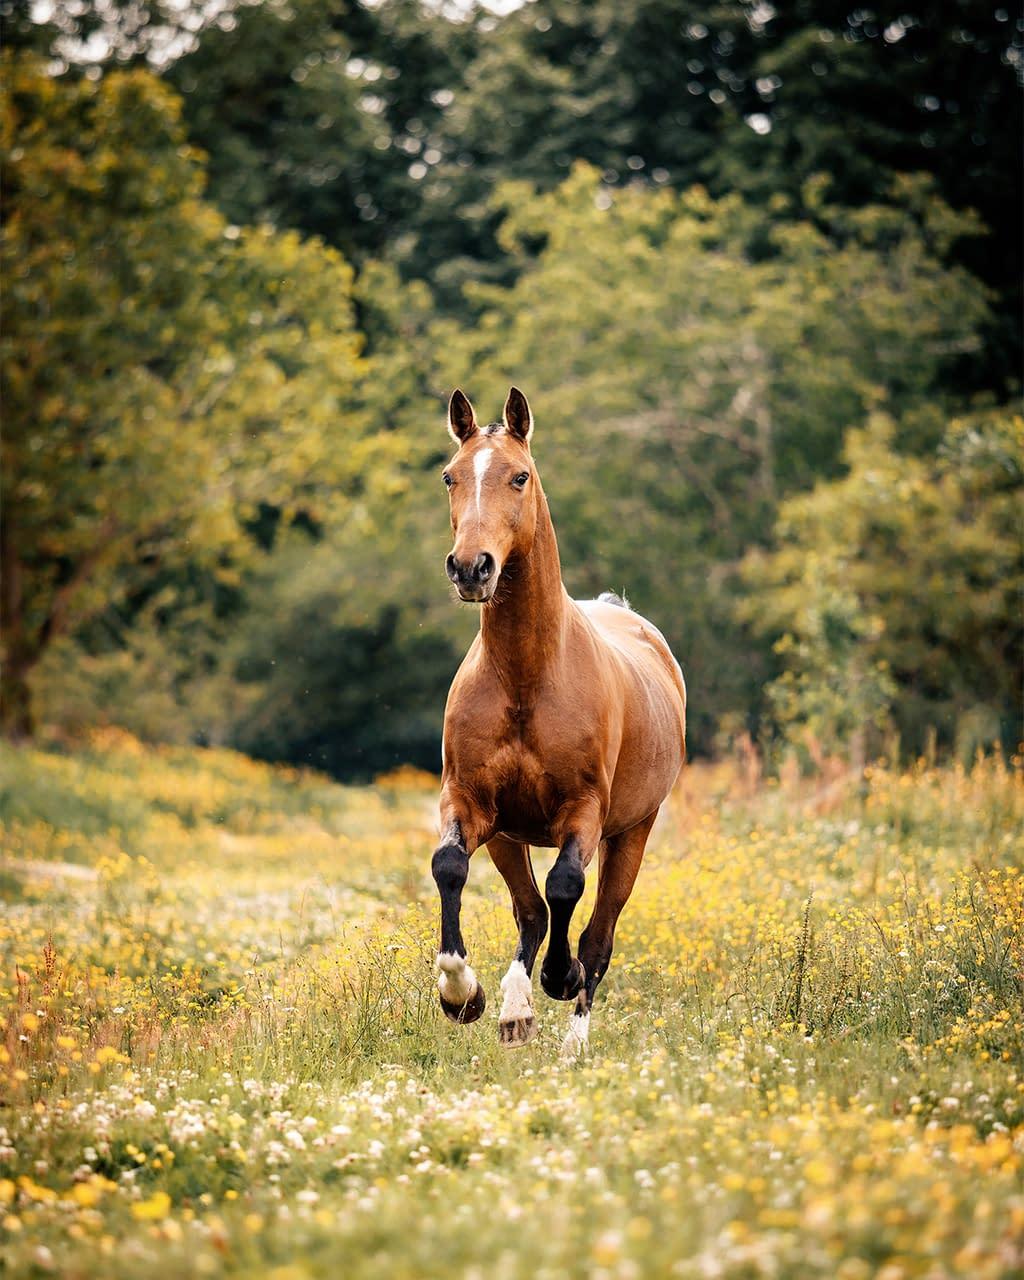 Portrait cheval bai au galop dans un champ